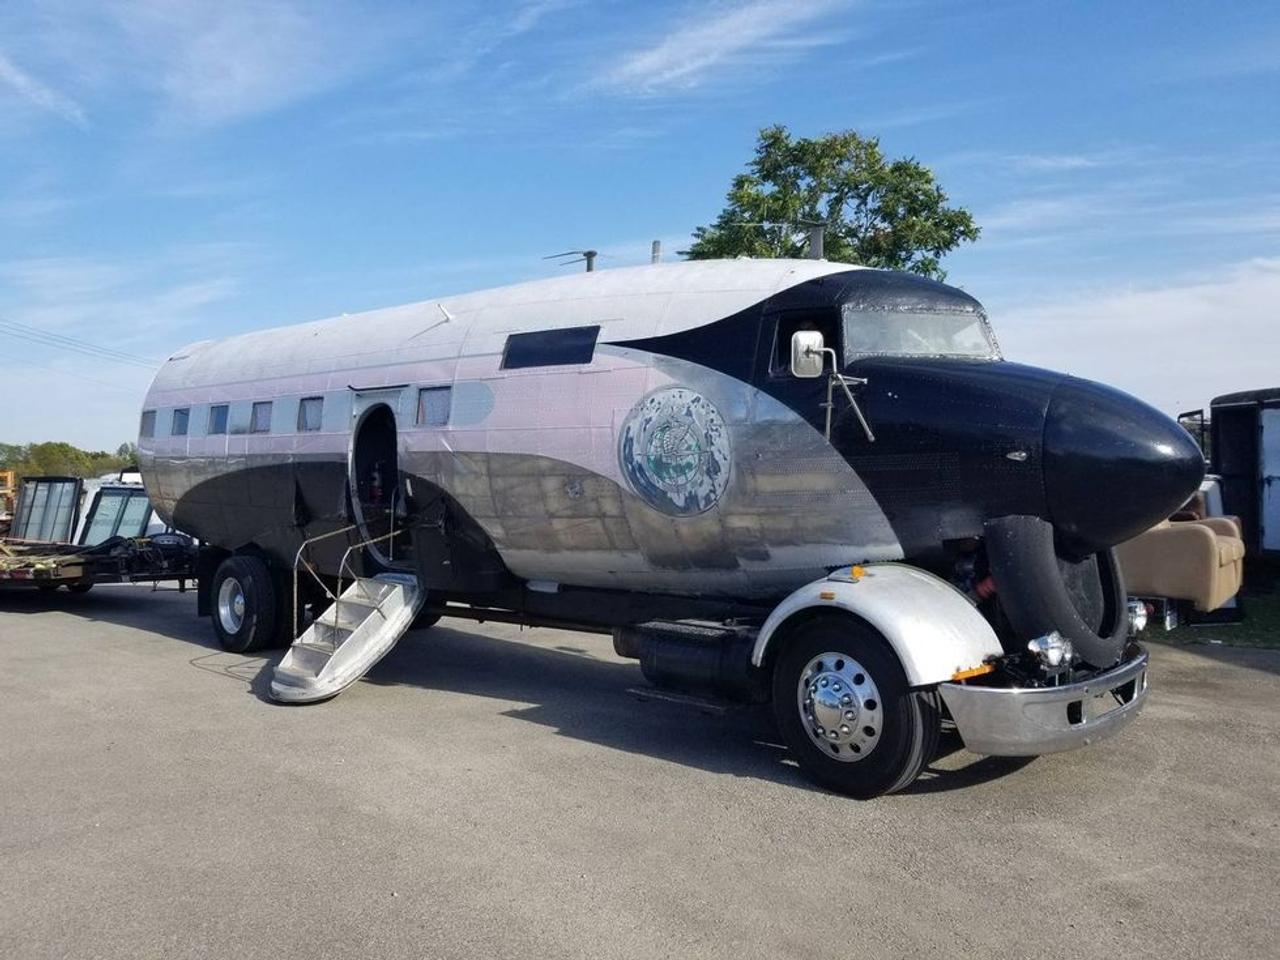 Ветеран ВВС превратил военно-транспортный самолет в автомобиль, дом на колесах